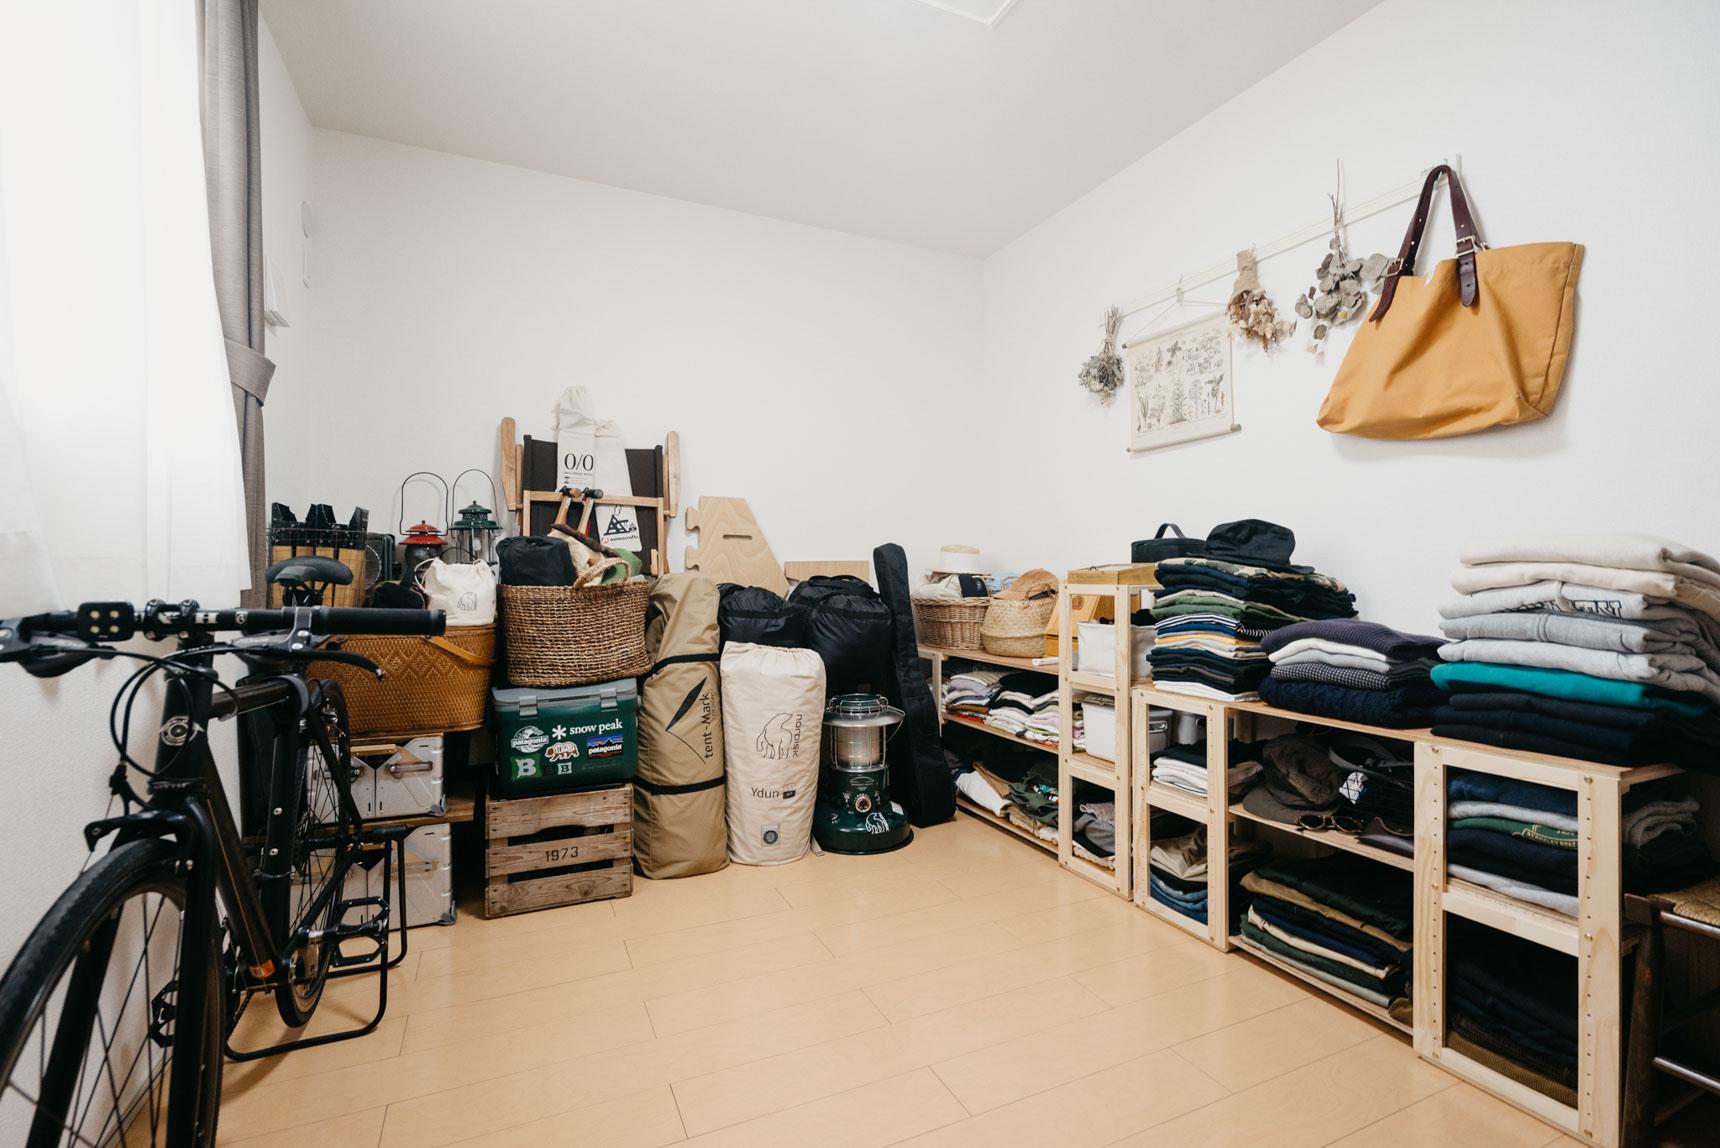 1部屋を二人共通の趣味であるアウトドアアイテムや衣類の収納に使われている2LDK